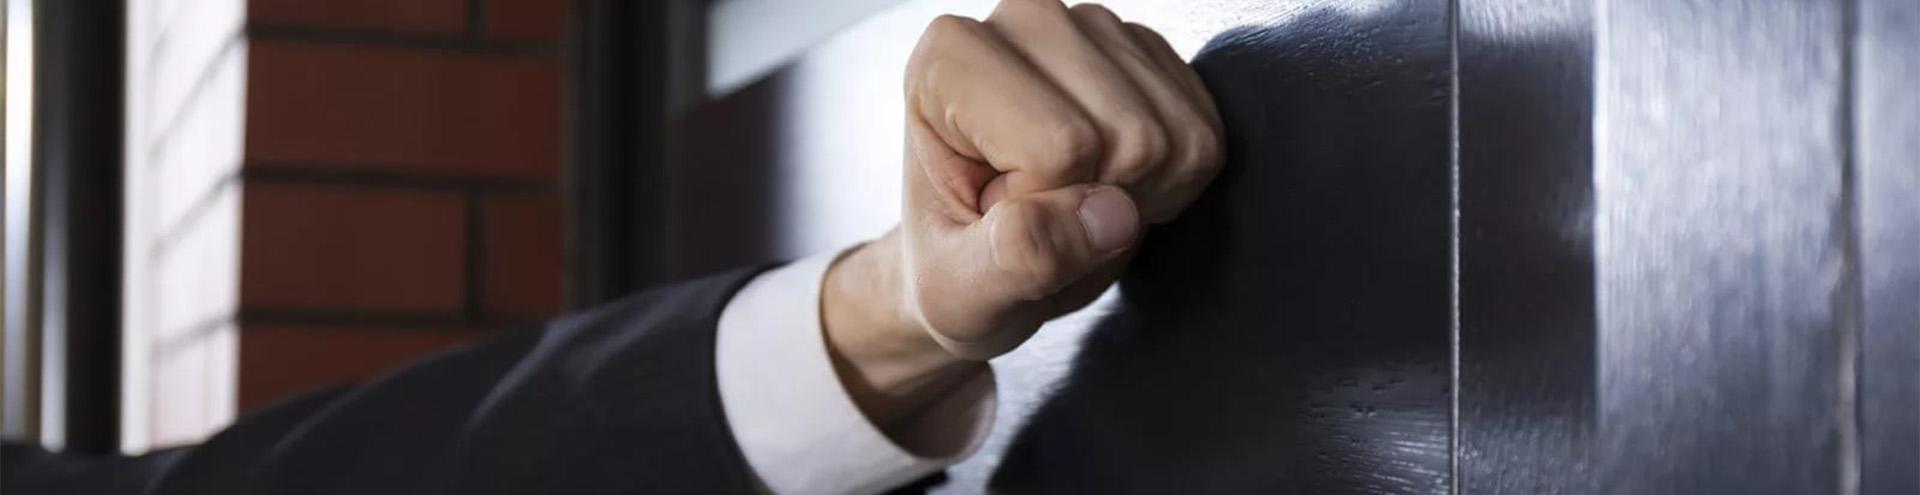 защита заемщика от коллекторов в Твери и Тверской области